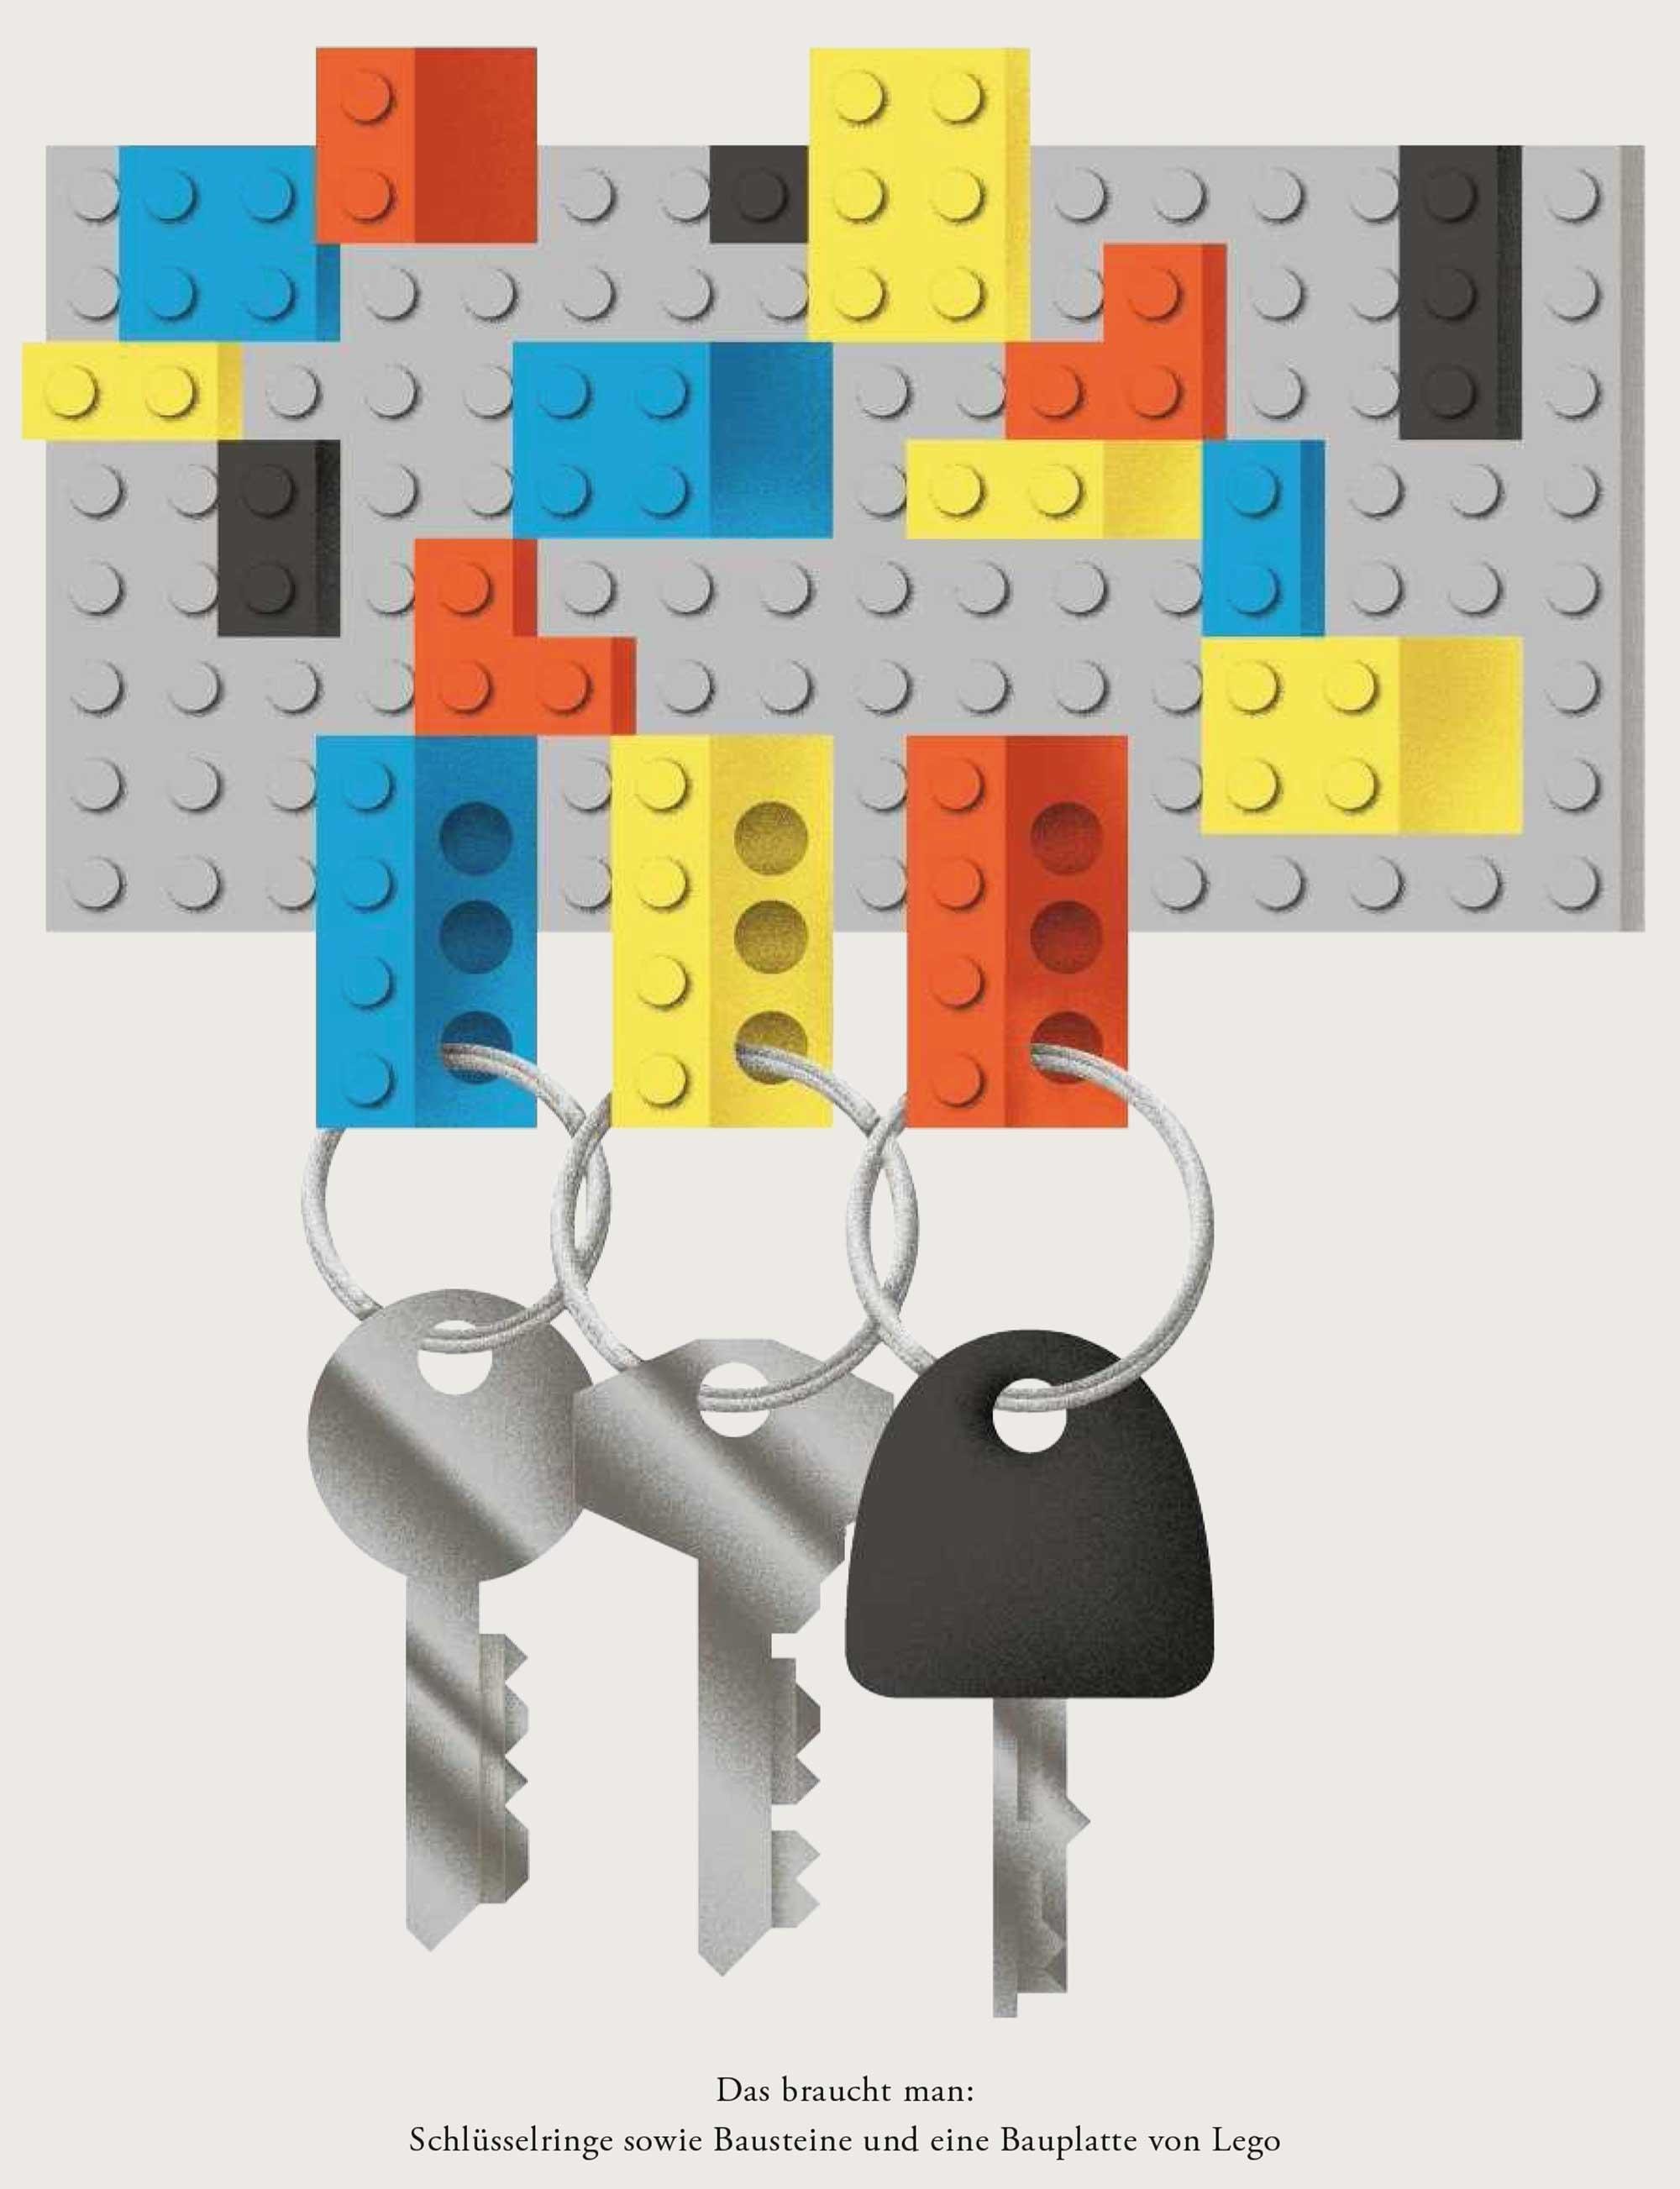 Wundertüte: Ein Schlüsselbrett aus Lego